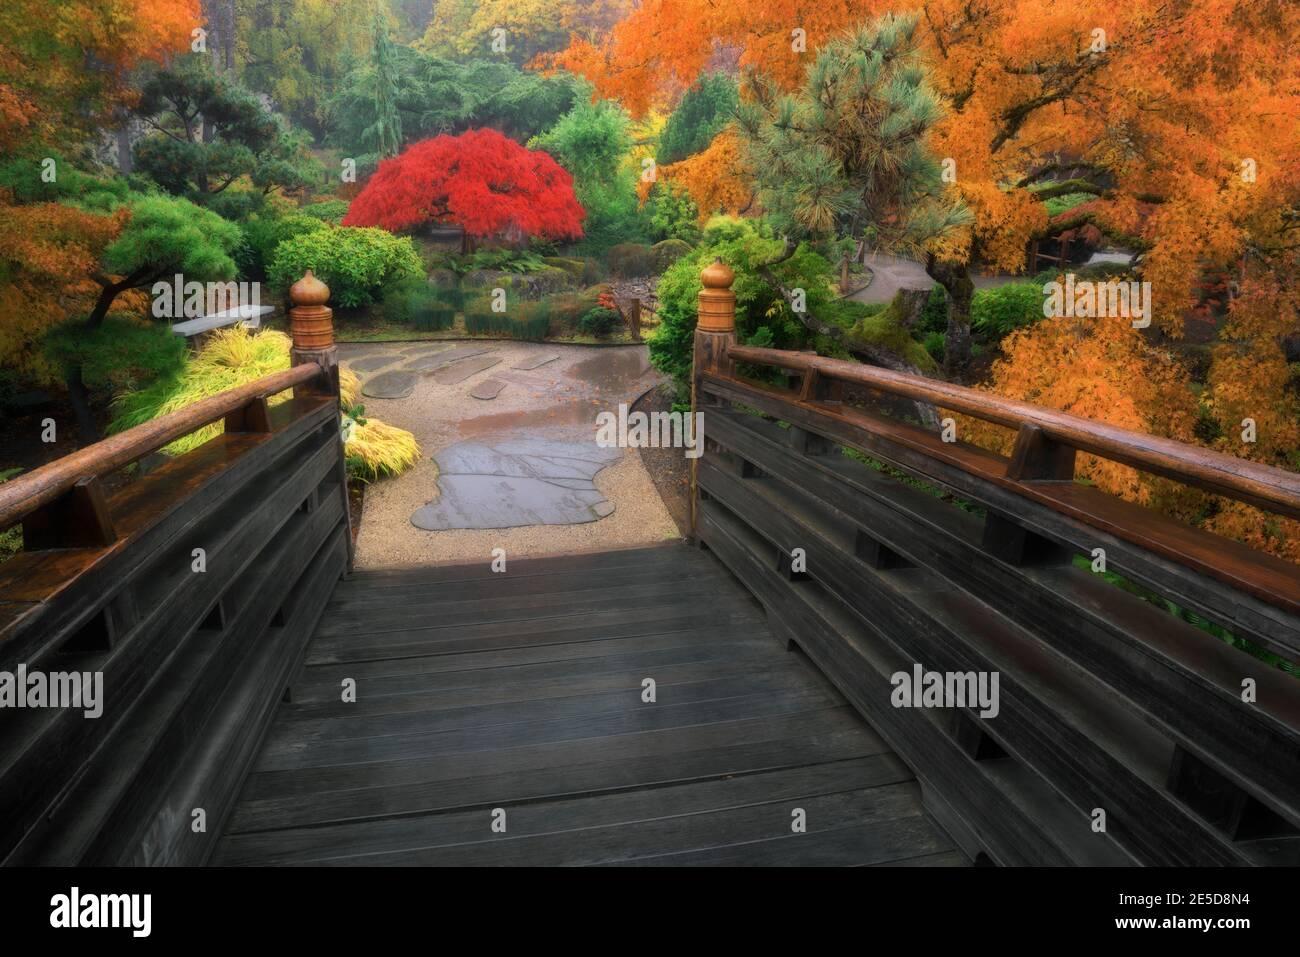 Couleurs d'automne éclatantes parmi les arbres du jardin japonais de l'île Tsuru à Gresham, Oregon. Banque D'Images